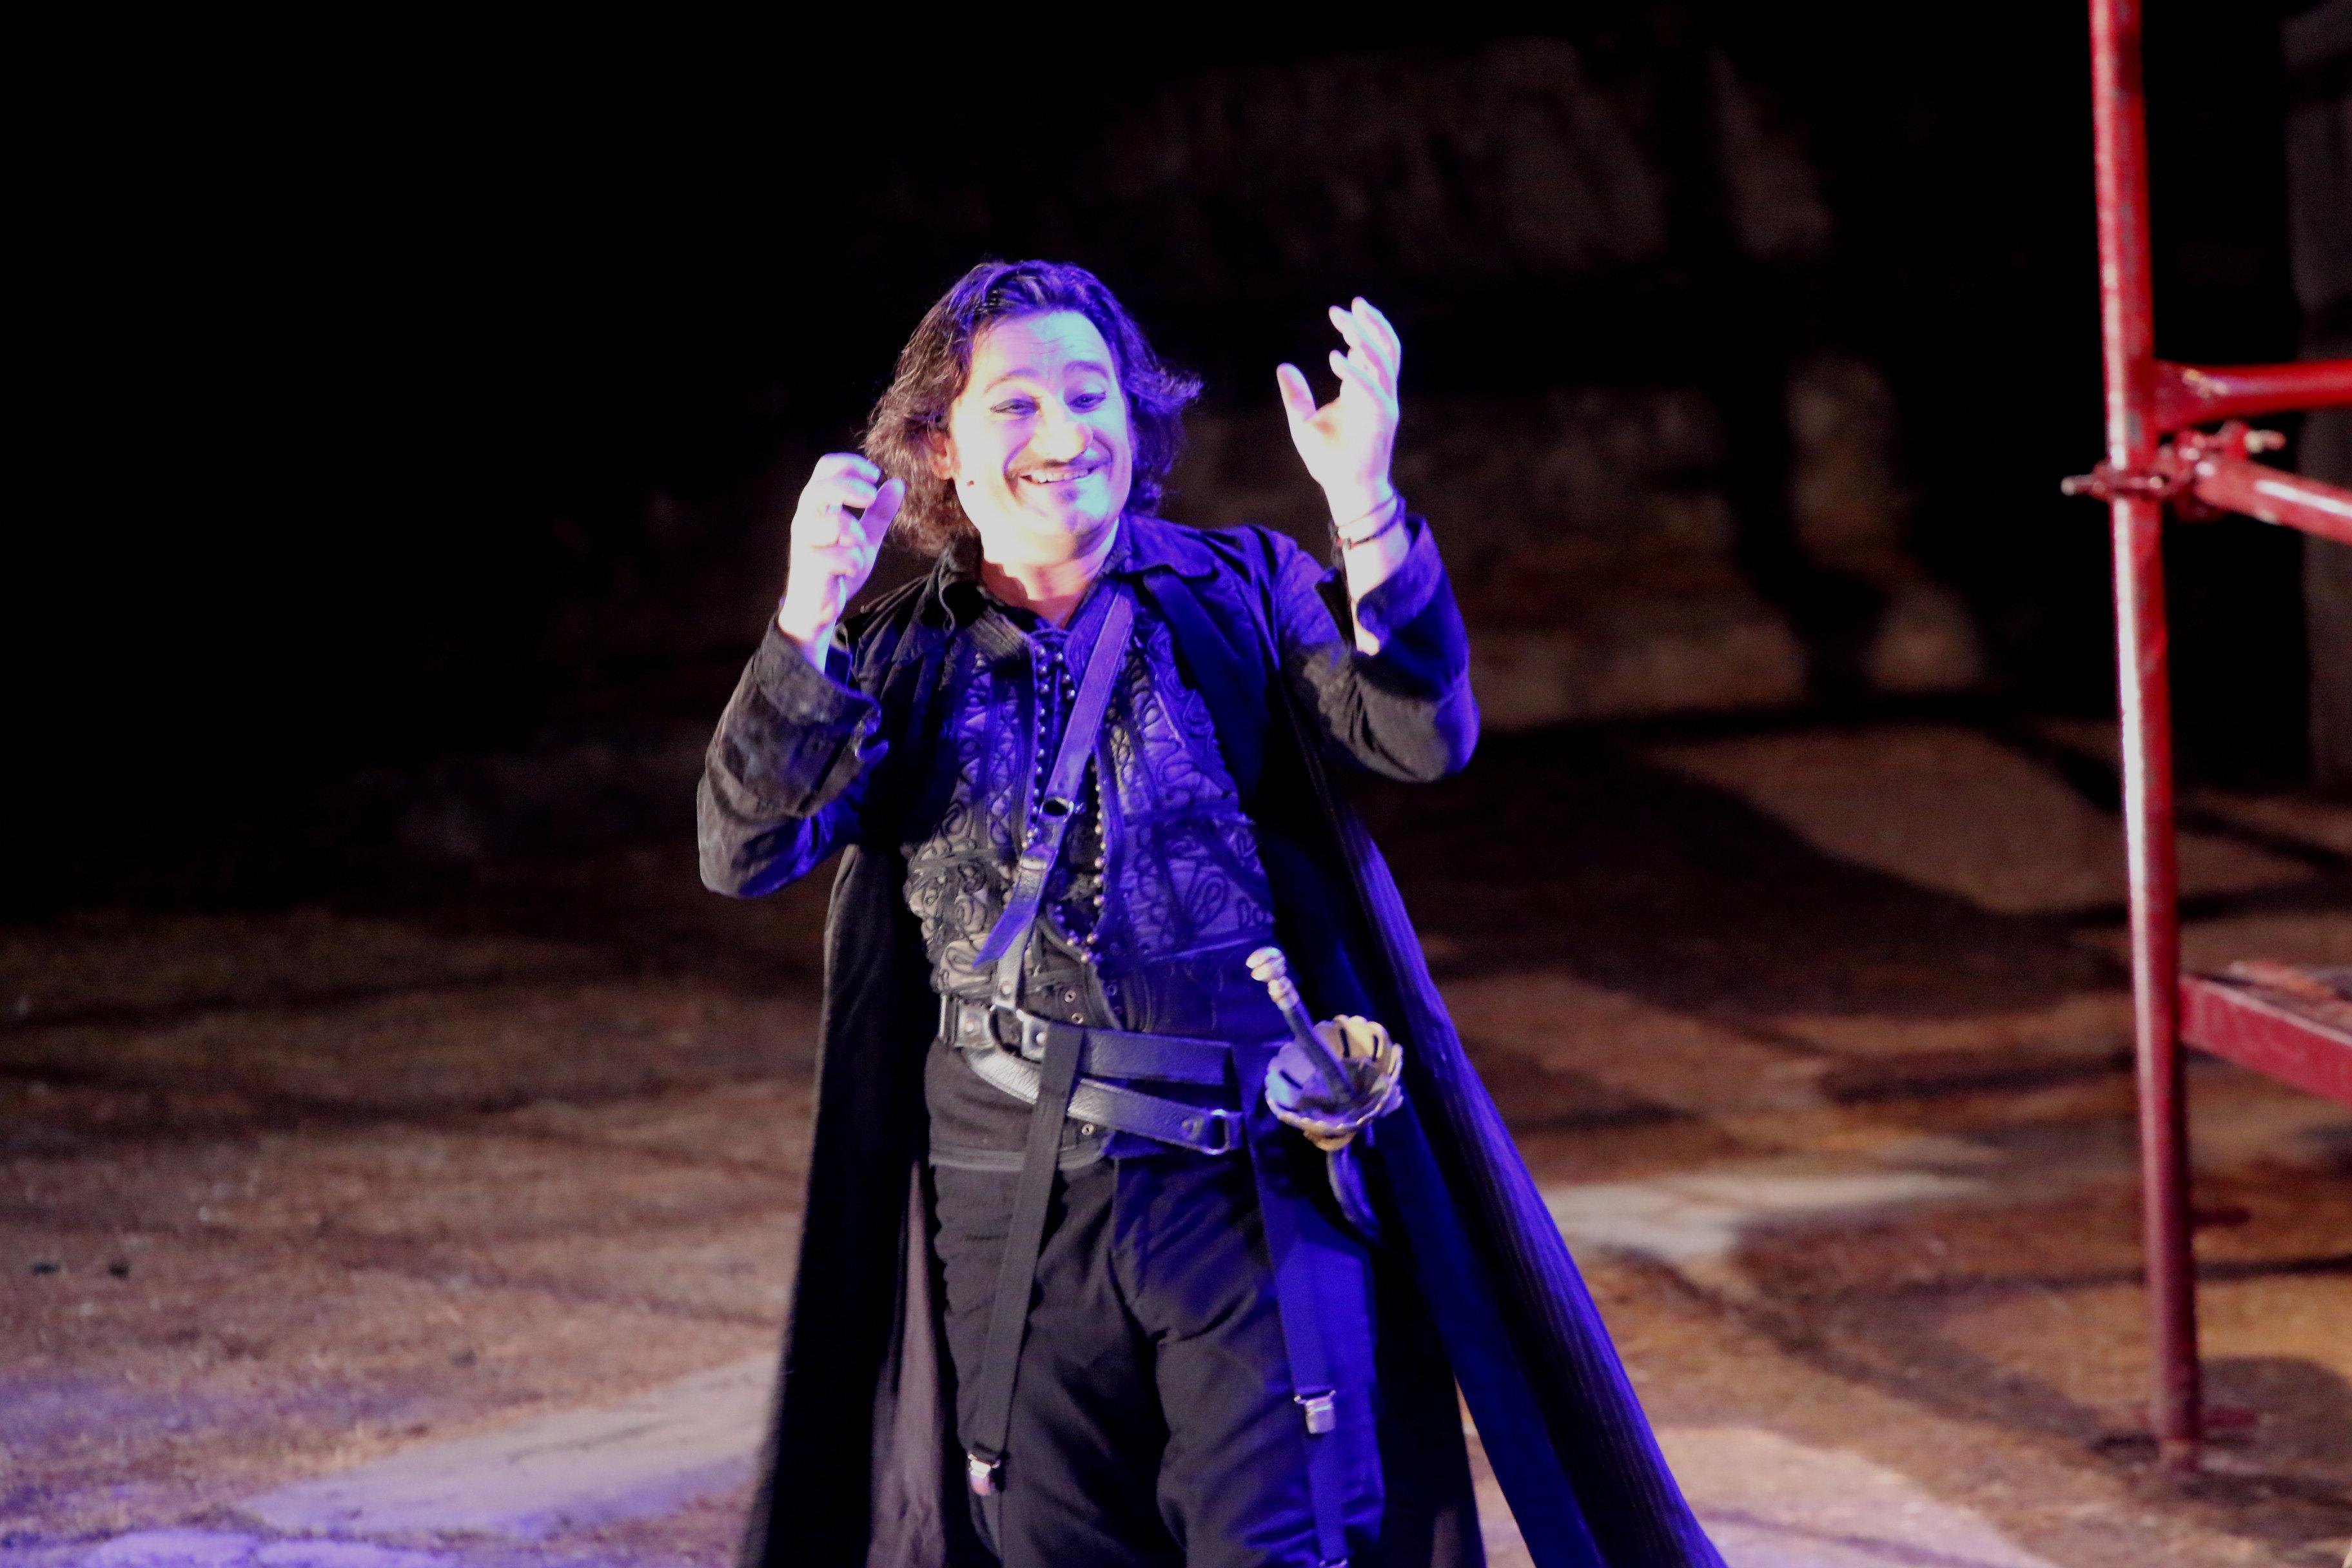 Βασίλης Χαραλαμπόπουλος: Το να παίζεις Αριστοφάνη, είναι ένα γλέντι